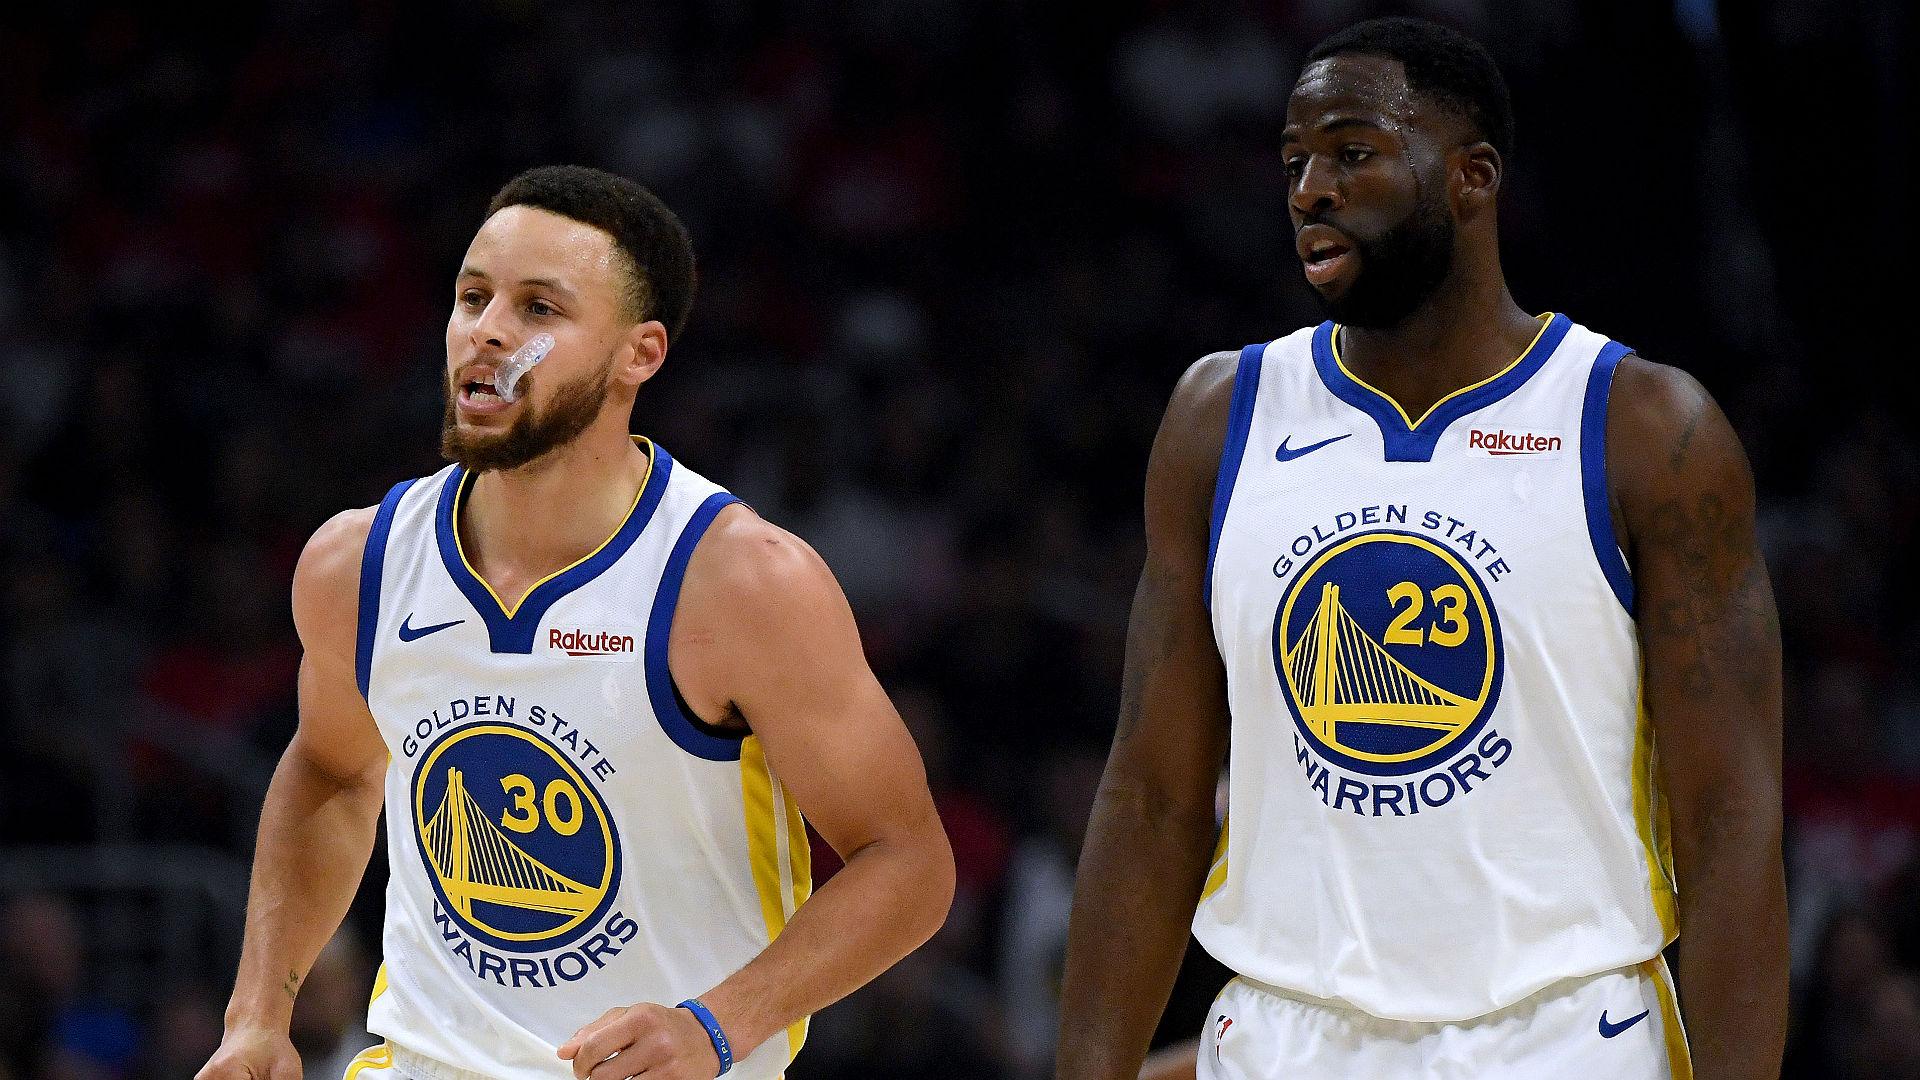 683372a7298 NBA playoffs 2019  Stephen Curry